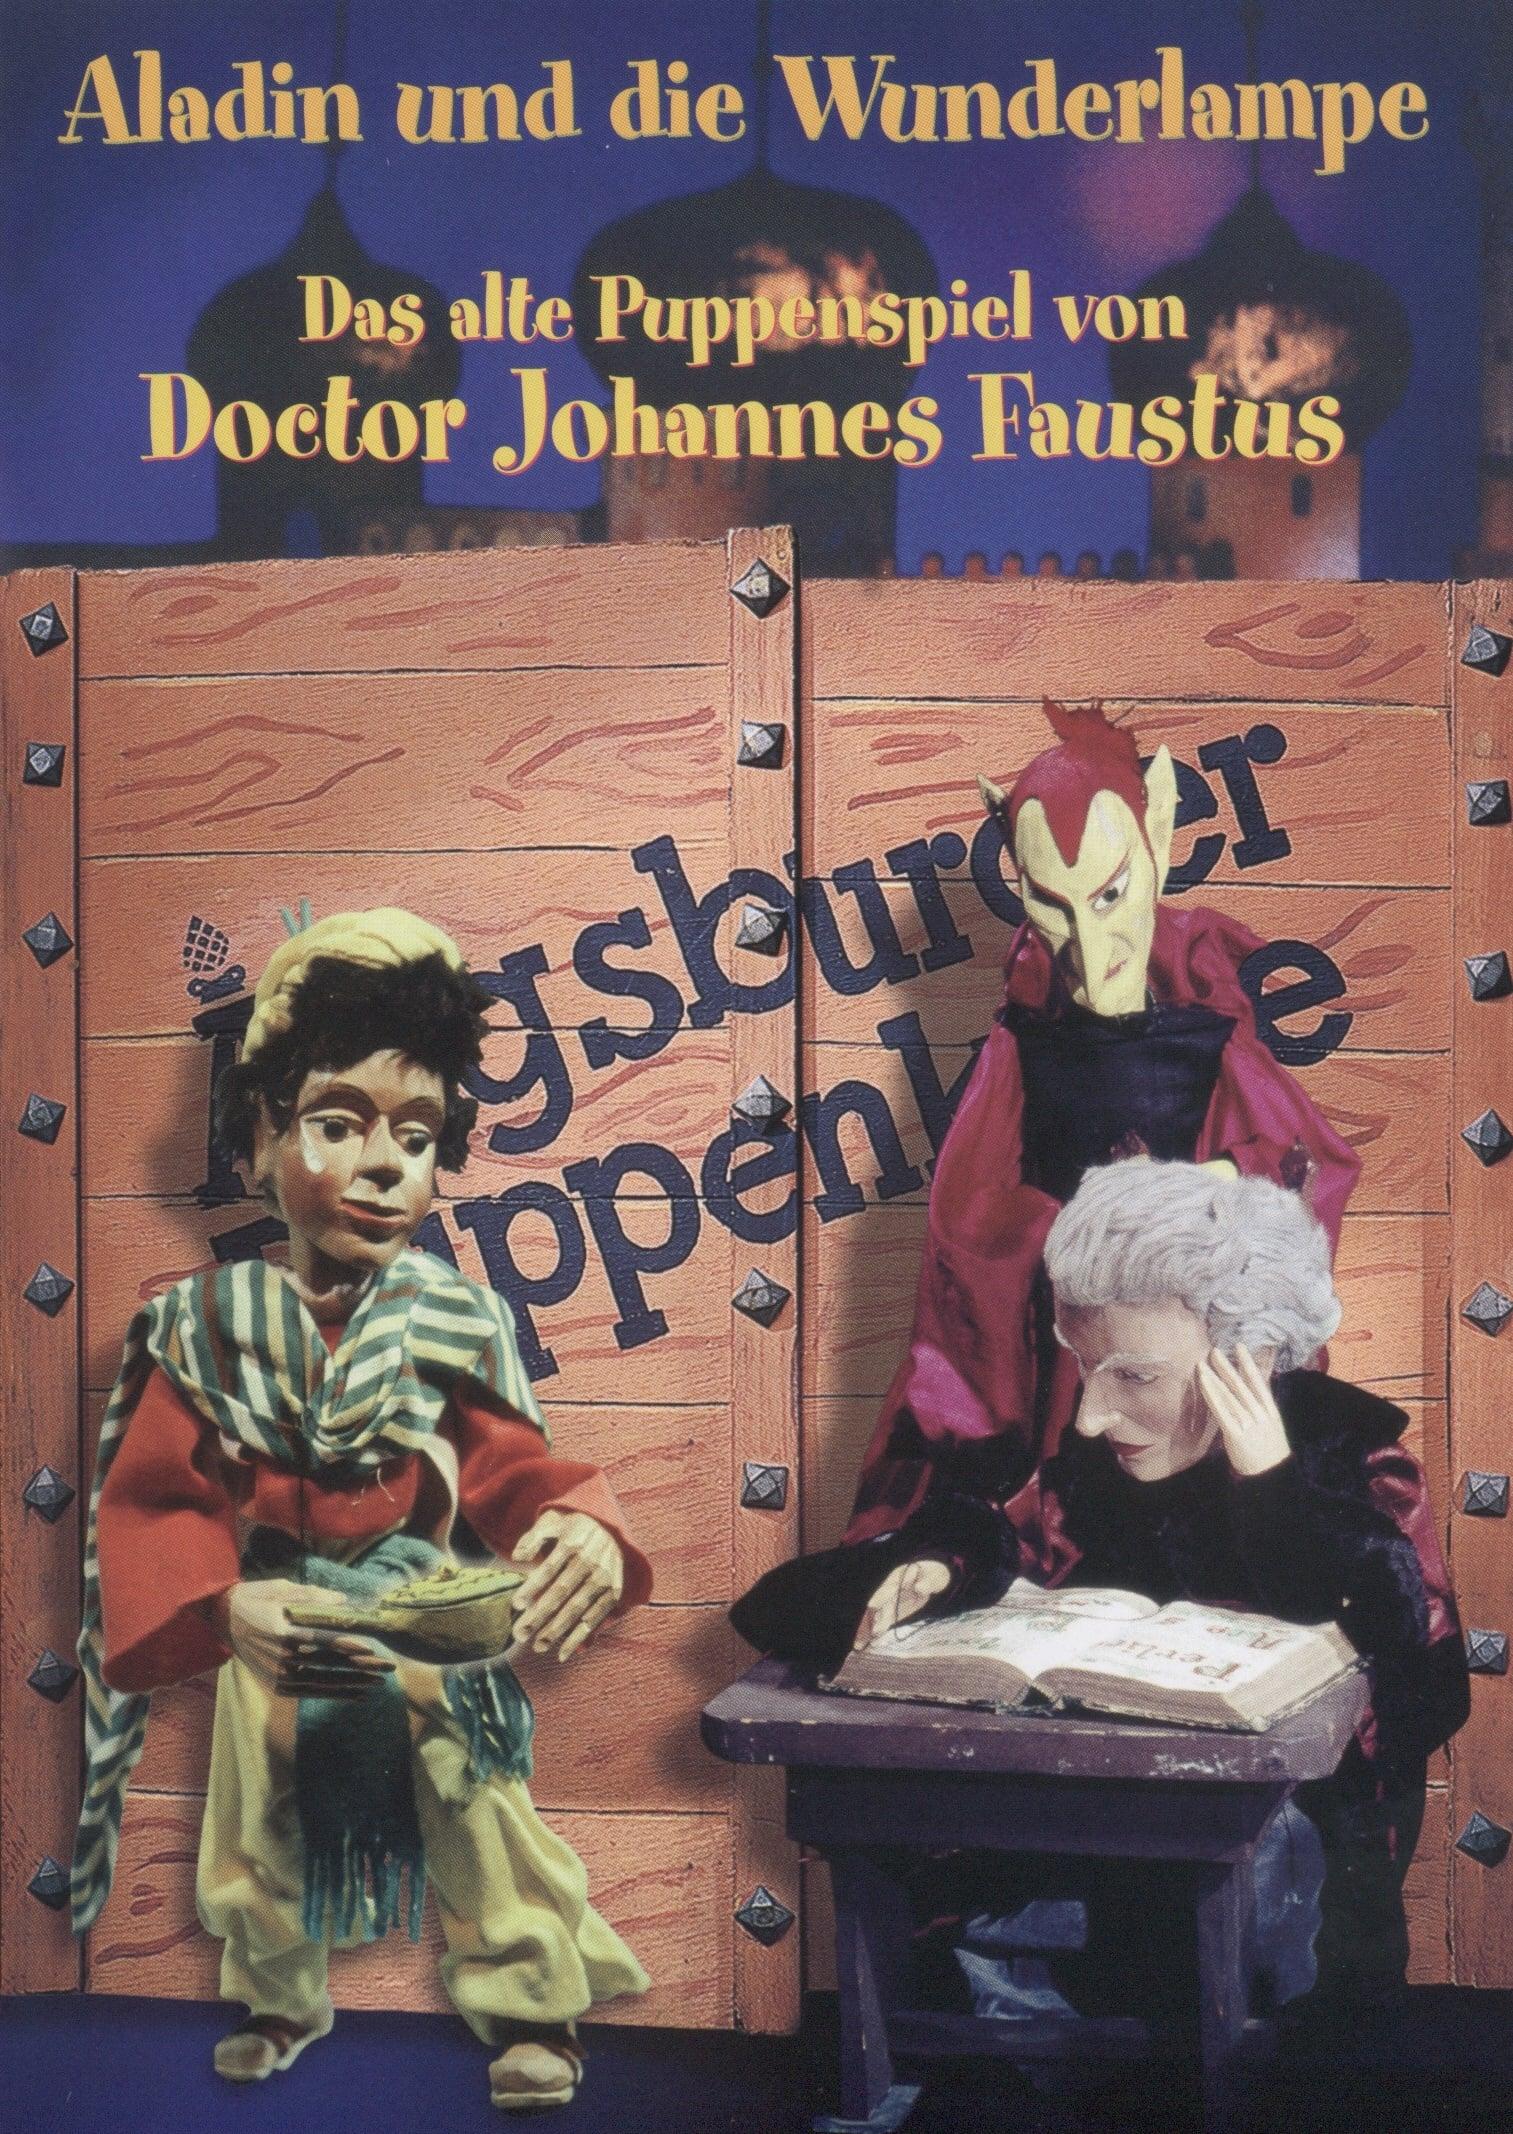 Augsburger Puppenkiste - Aladin und die Wunderlampe (1960)